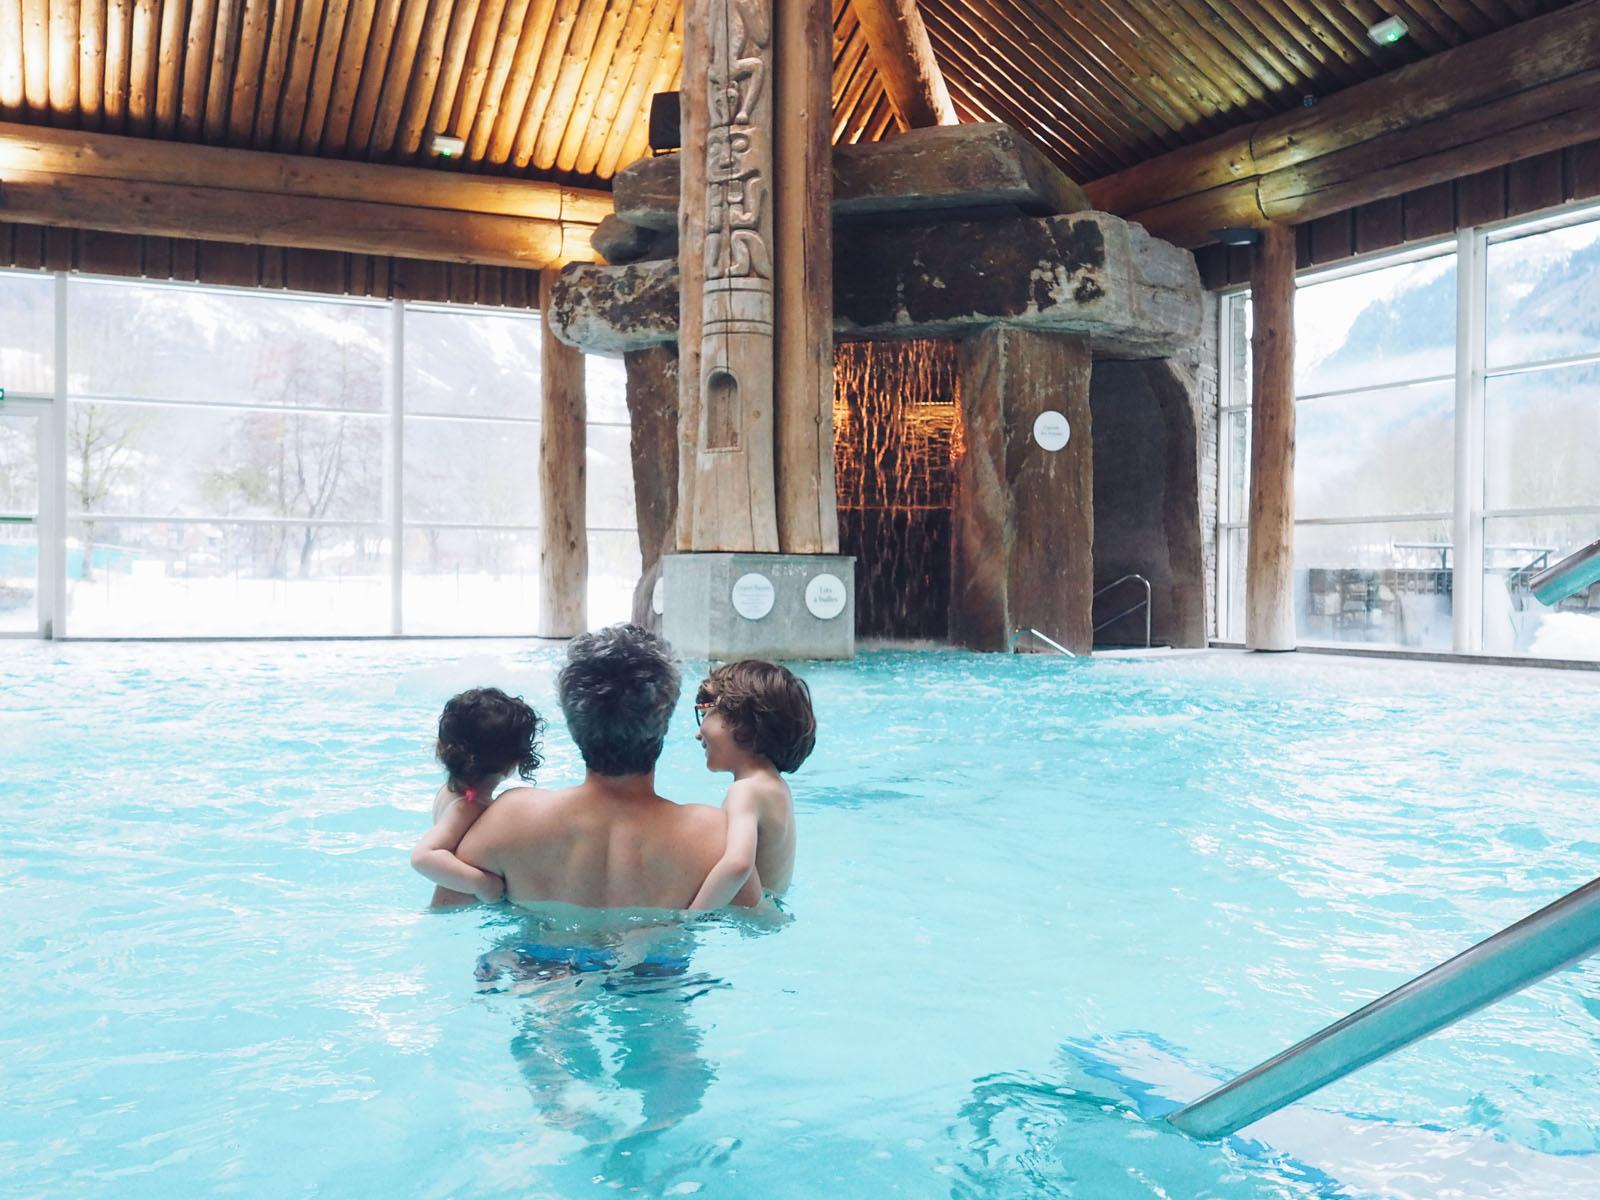 Vacances au ski en famille Hautes Pyrenees bonnes adresses hotel station l La Fiancee du Panda blog mariage et lifestyle-1028122